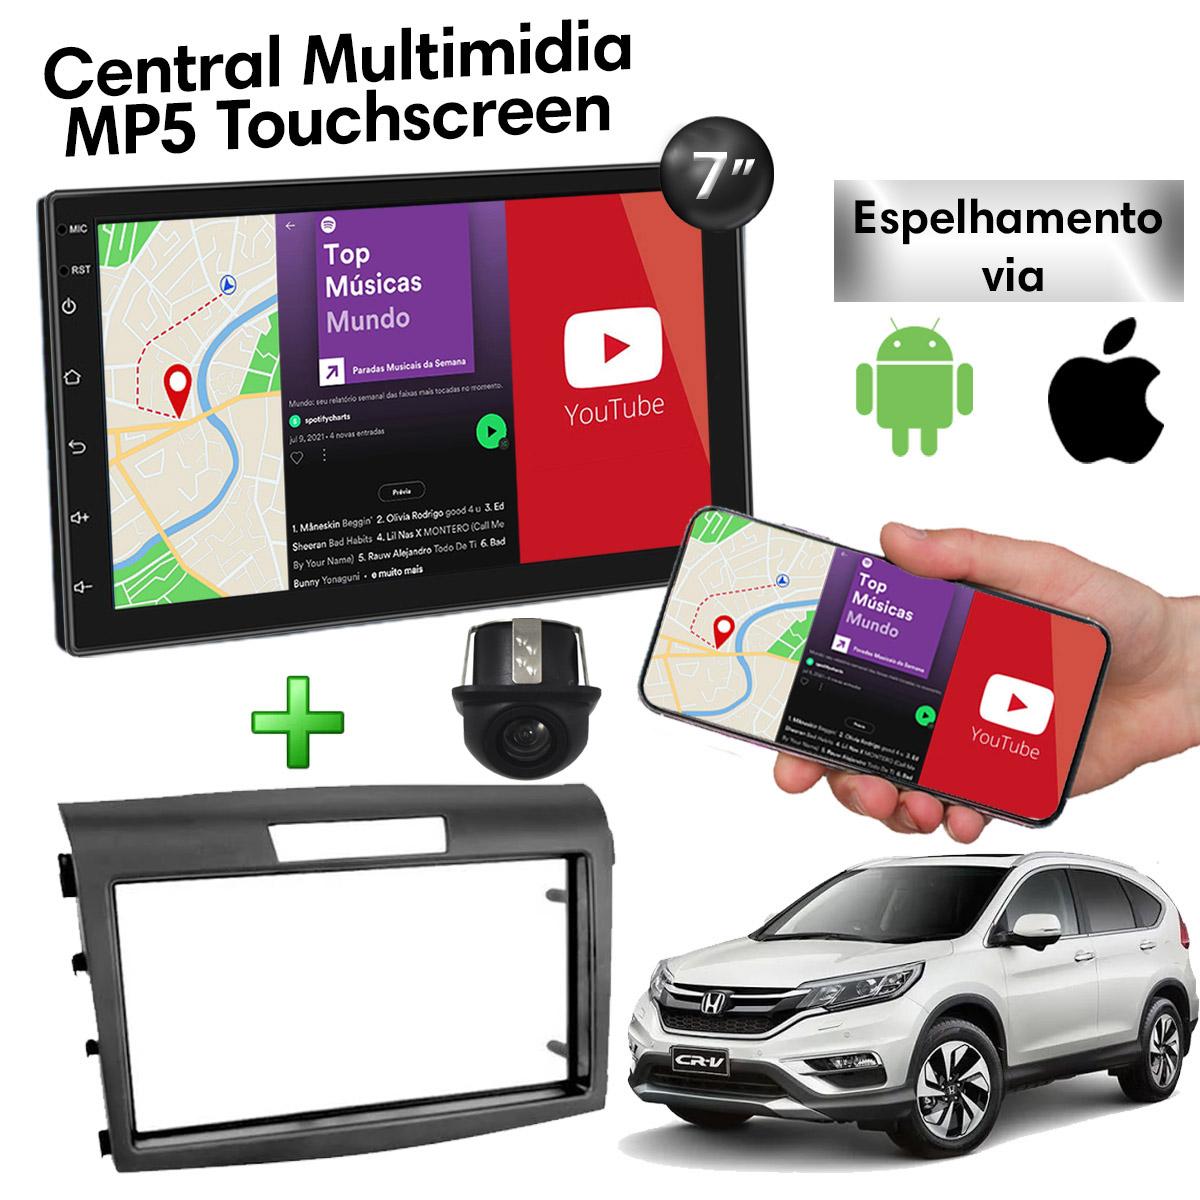 Central Multimídia com Moldura Honda CRV Mp5 Bluetooth Usb Touchscreen 7 Polegadas 2 Din 2012 a 2016 Atacado